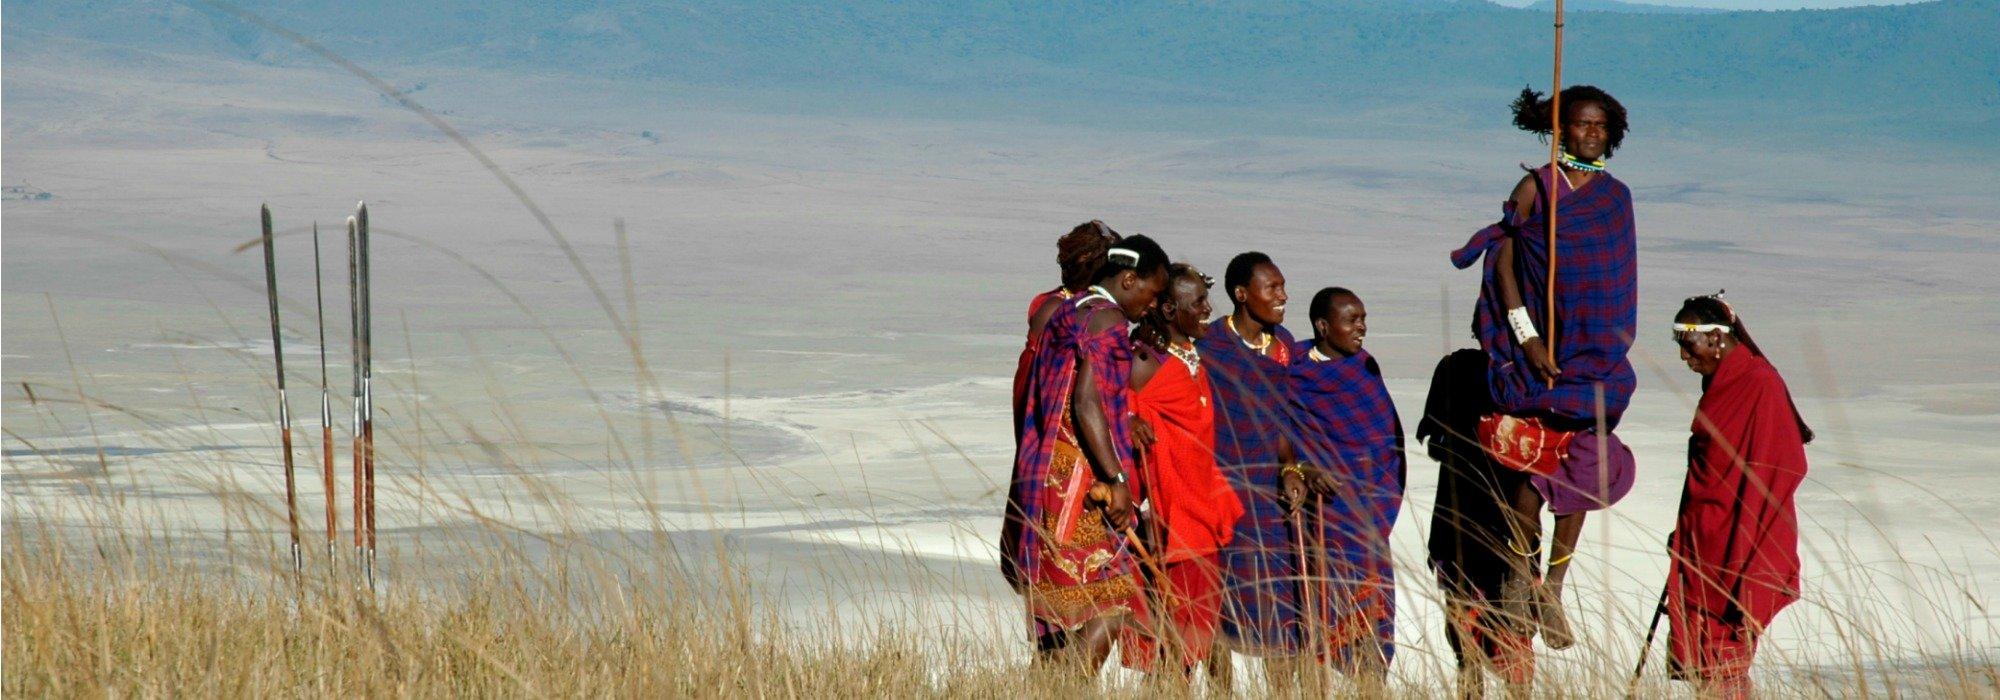 Maasai at the Ngorongoro Crater